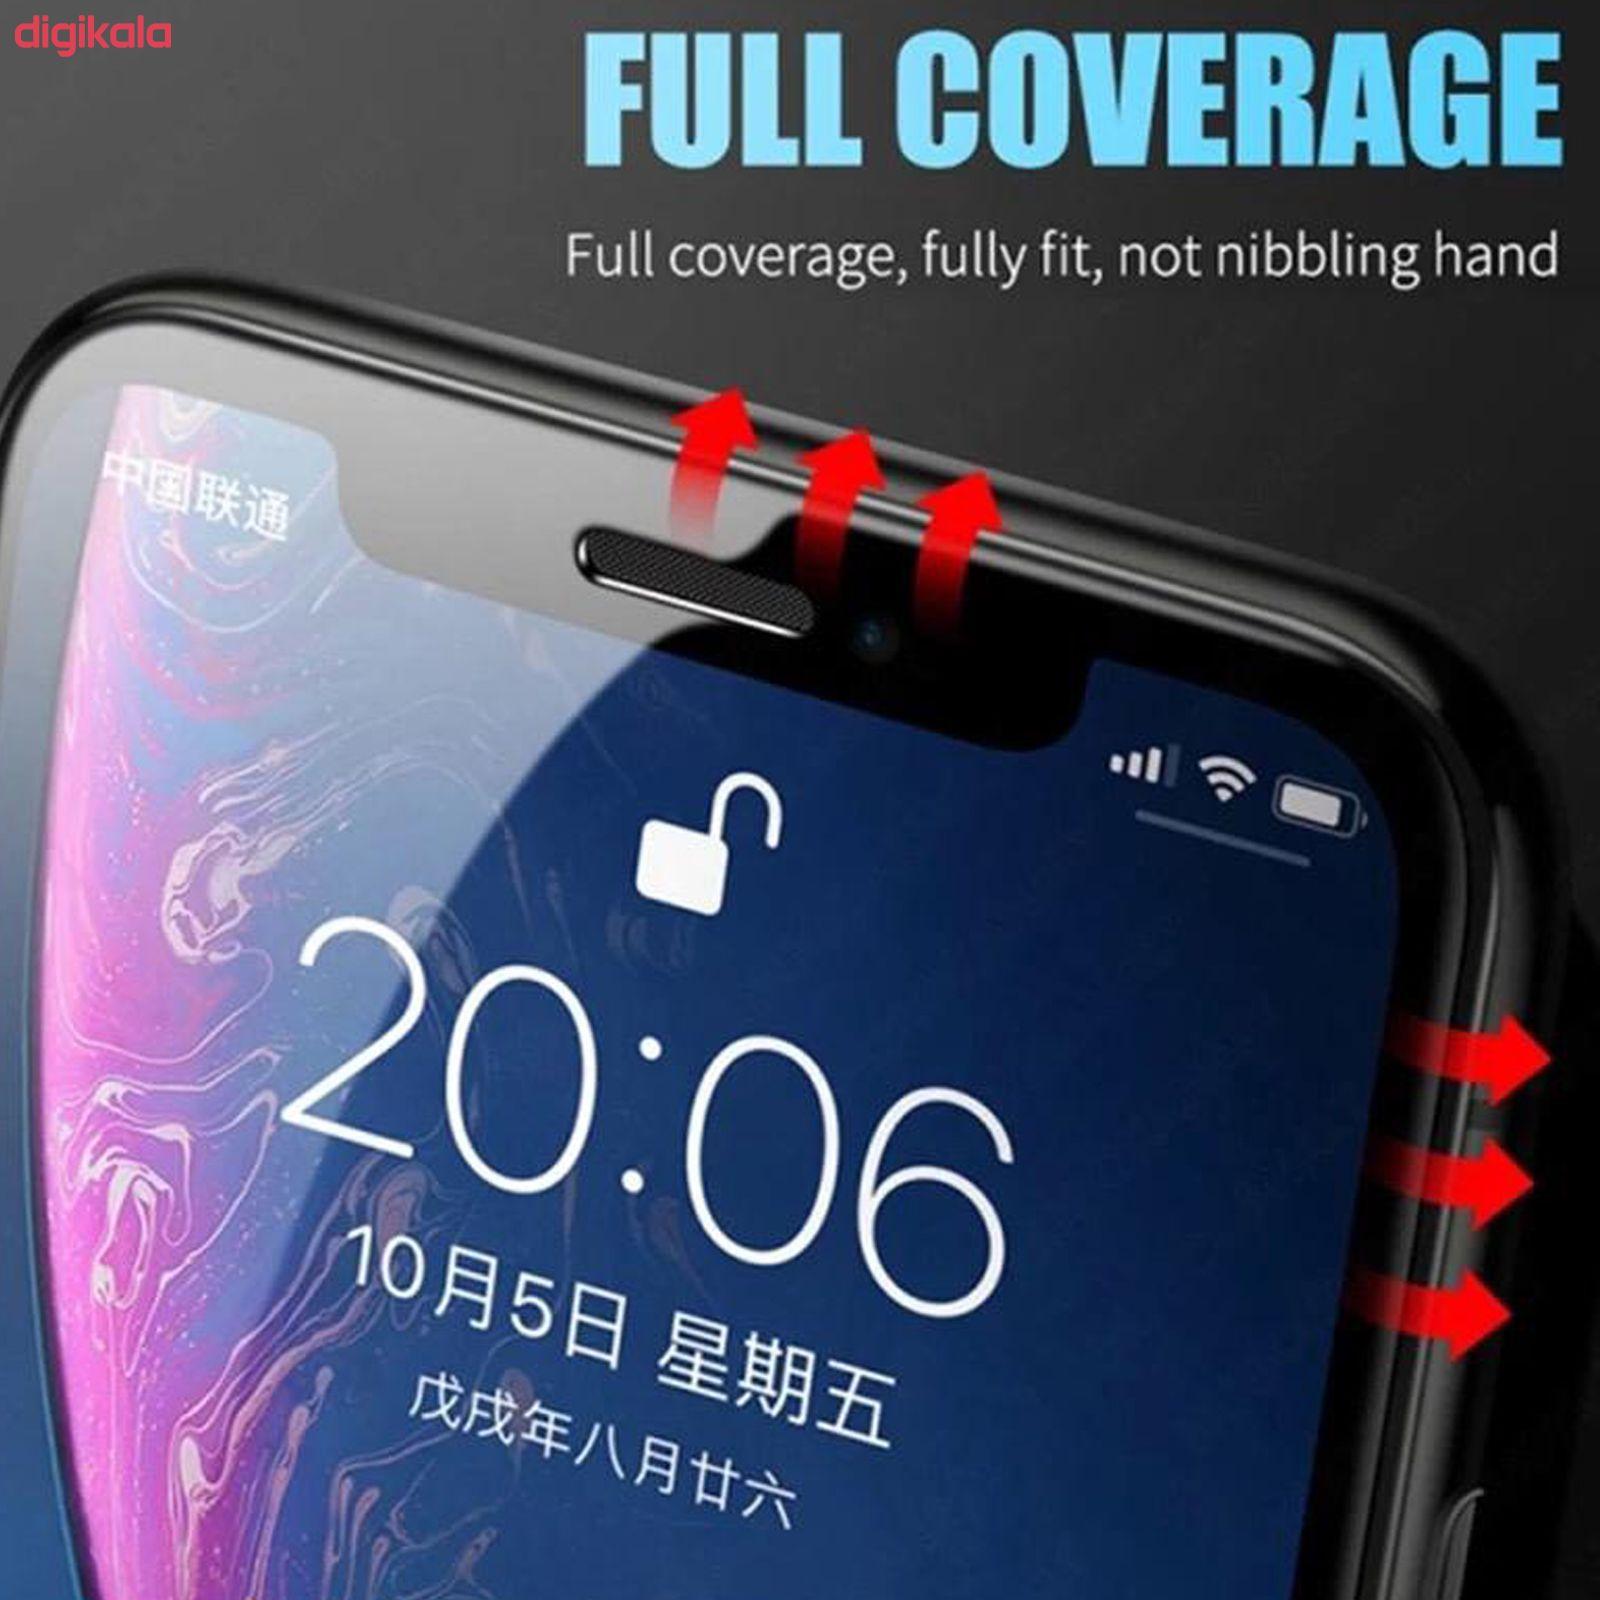 محافظ صفحه نمایش سرامیکی کوالا مدل CER-CL مناسب برای گوشی موبایل نوکیا 3.2 main 1 4